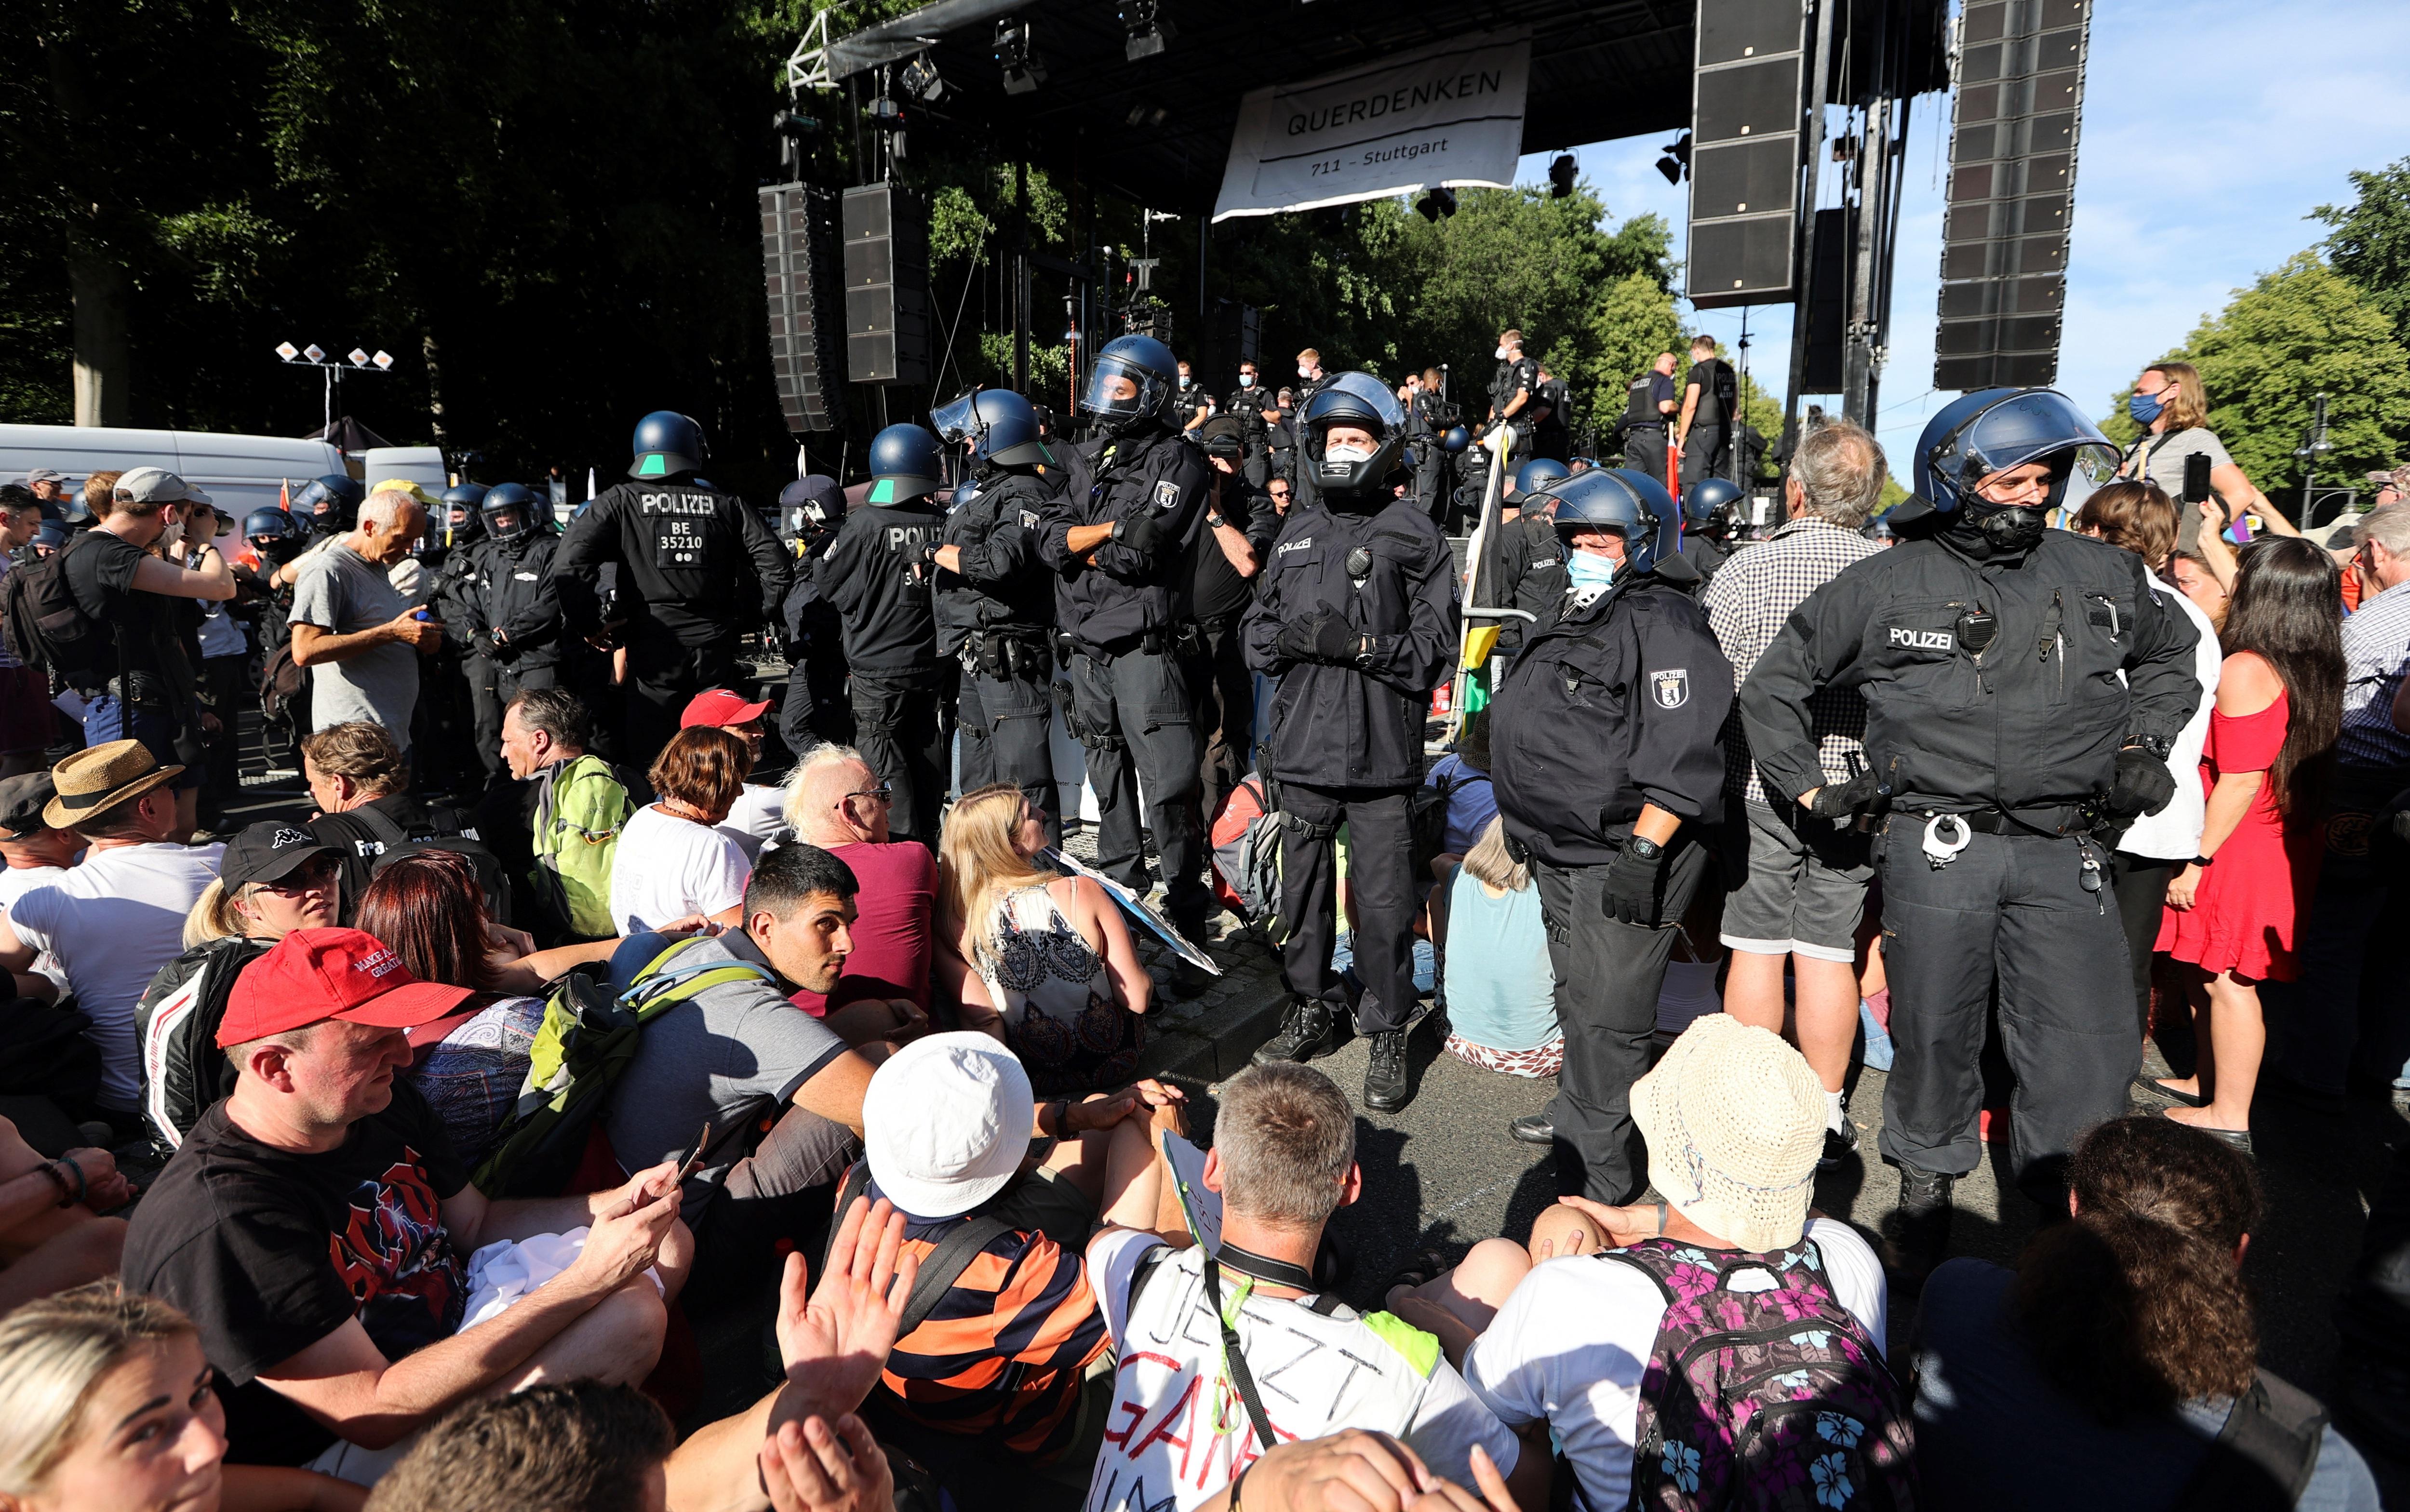 45 cảnh sát Đức bị thương trong biểu tình phản đối biện pháp chống Covid-19 - 4